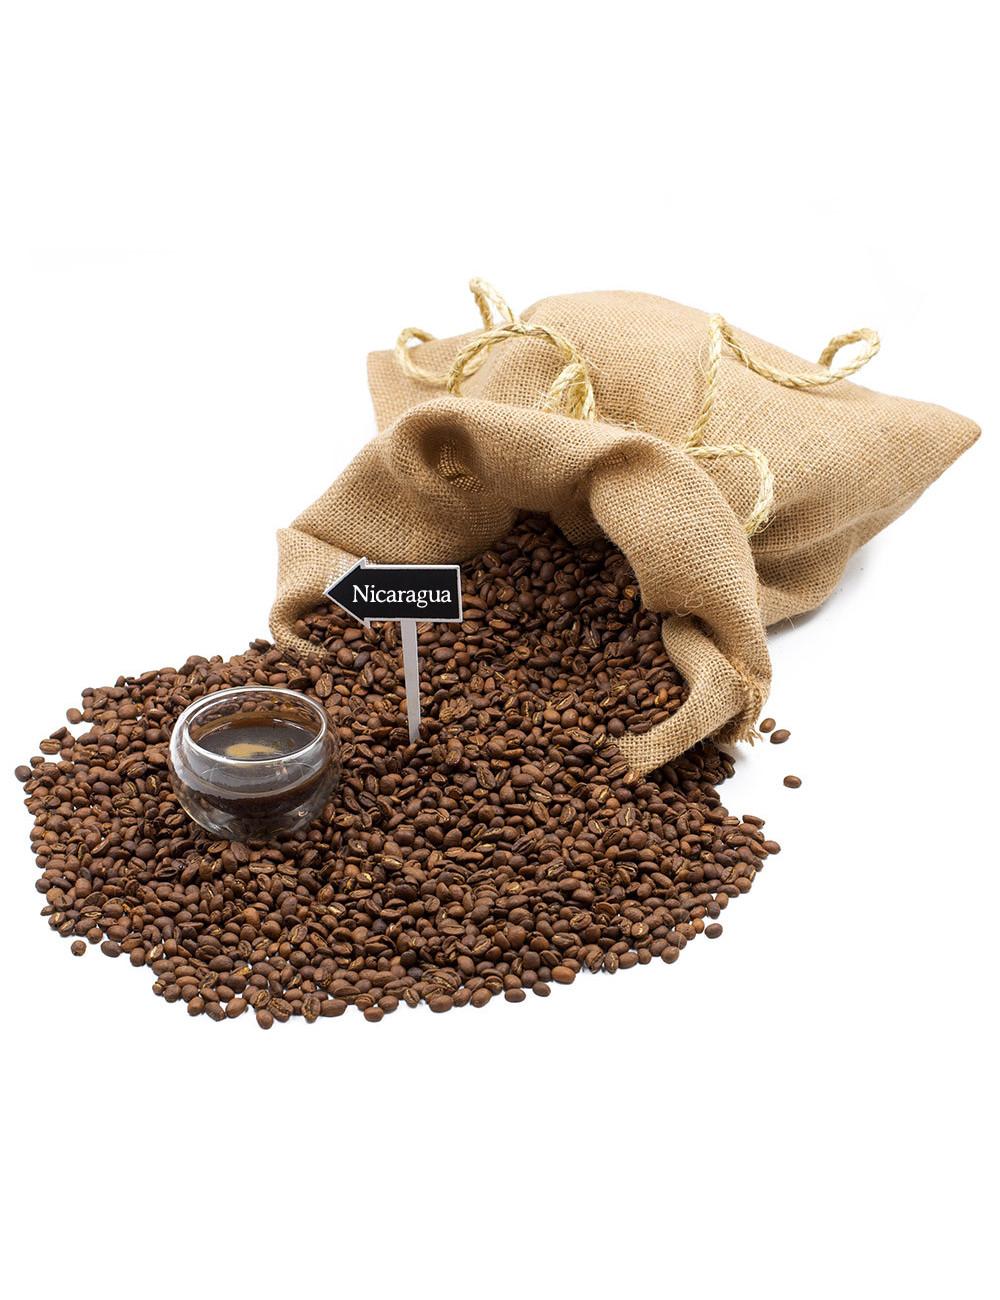 Caffè Nicaragua monorigine - La Pianta del Tè shop online